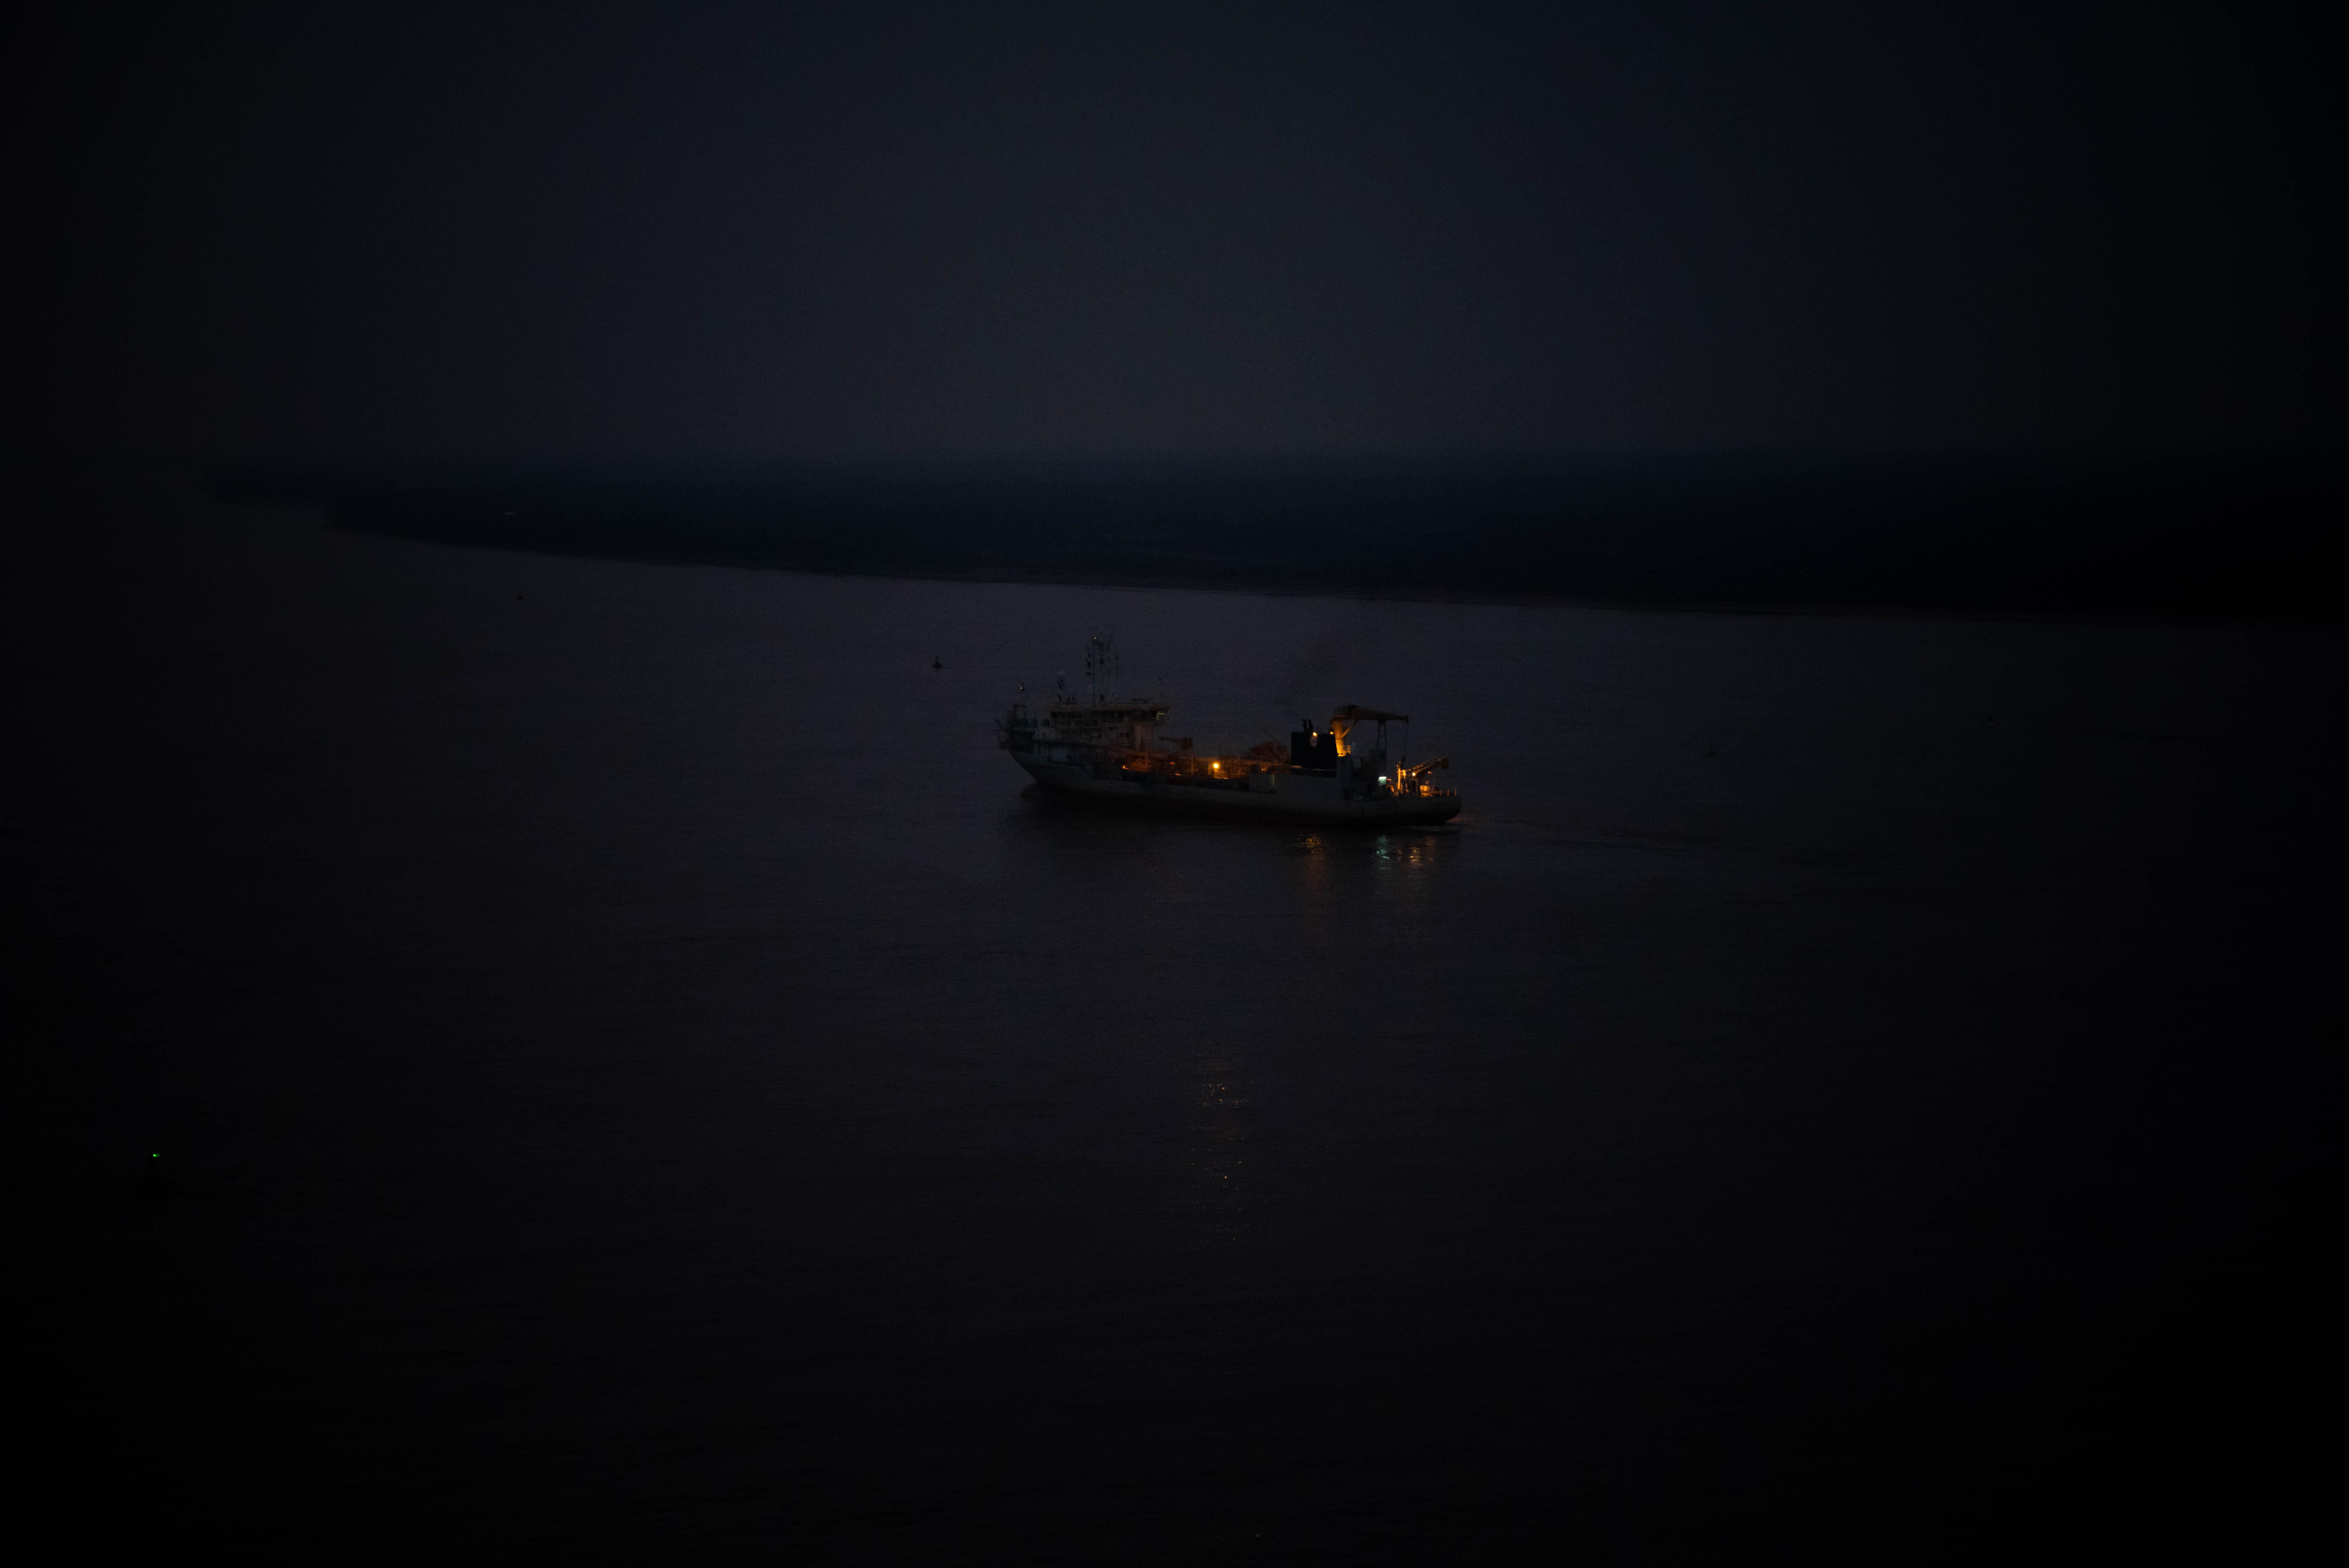 Según la Convención Ramsar, convención internacional para la protección de humedales, se define como humedal todo cuerpo de agua con menos de 6 metros de profundidad y puede tratarse tanto de sitios continentales como de costas marinas